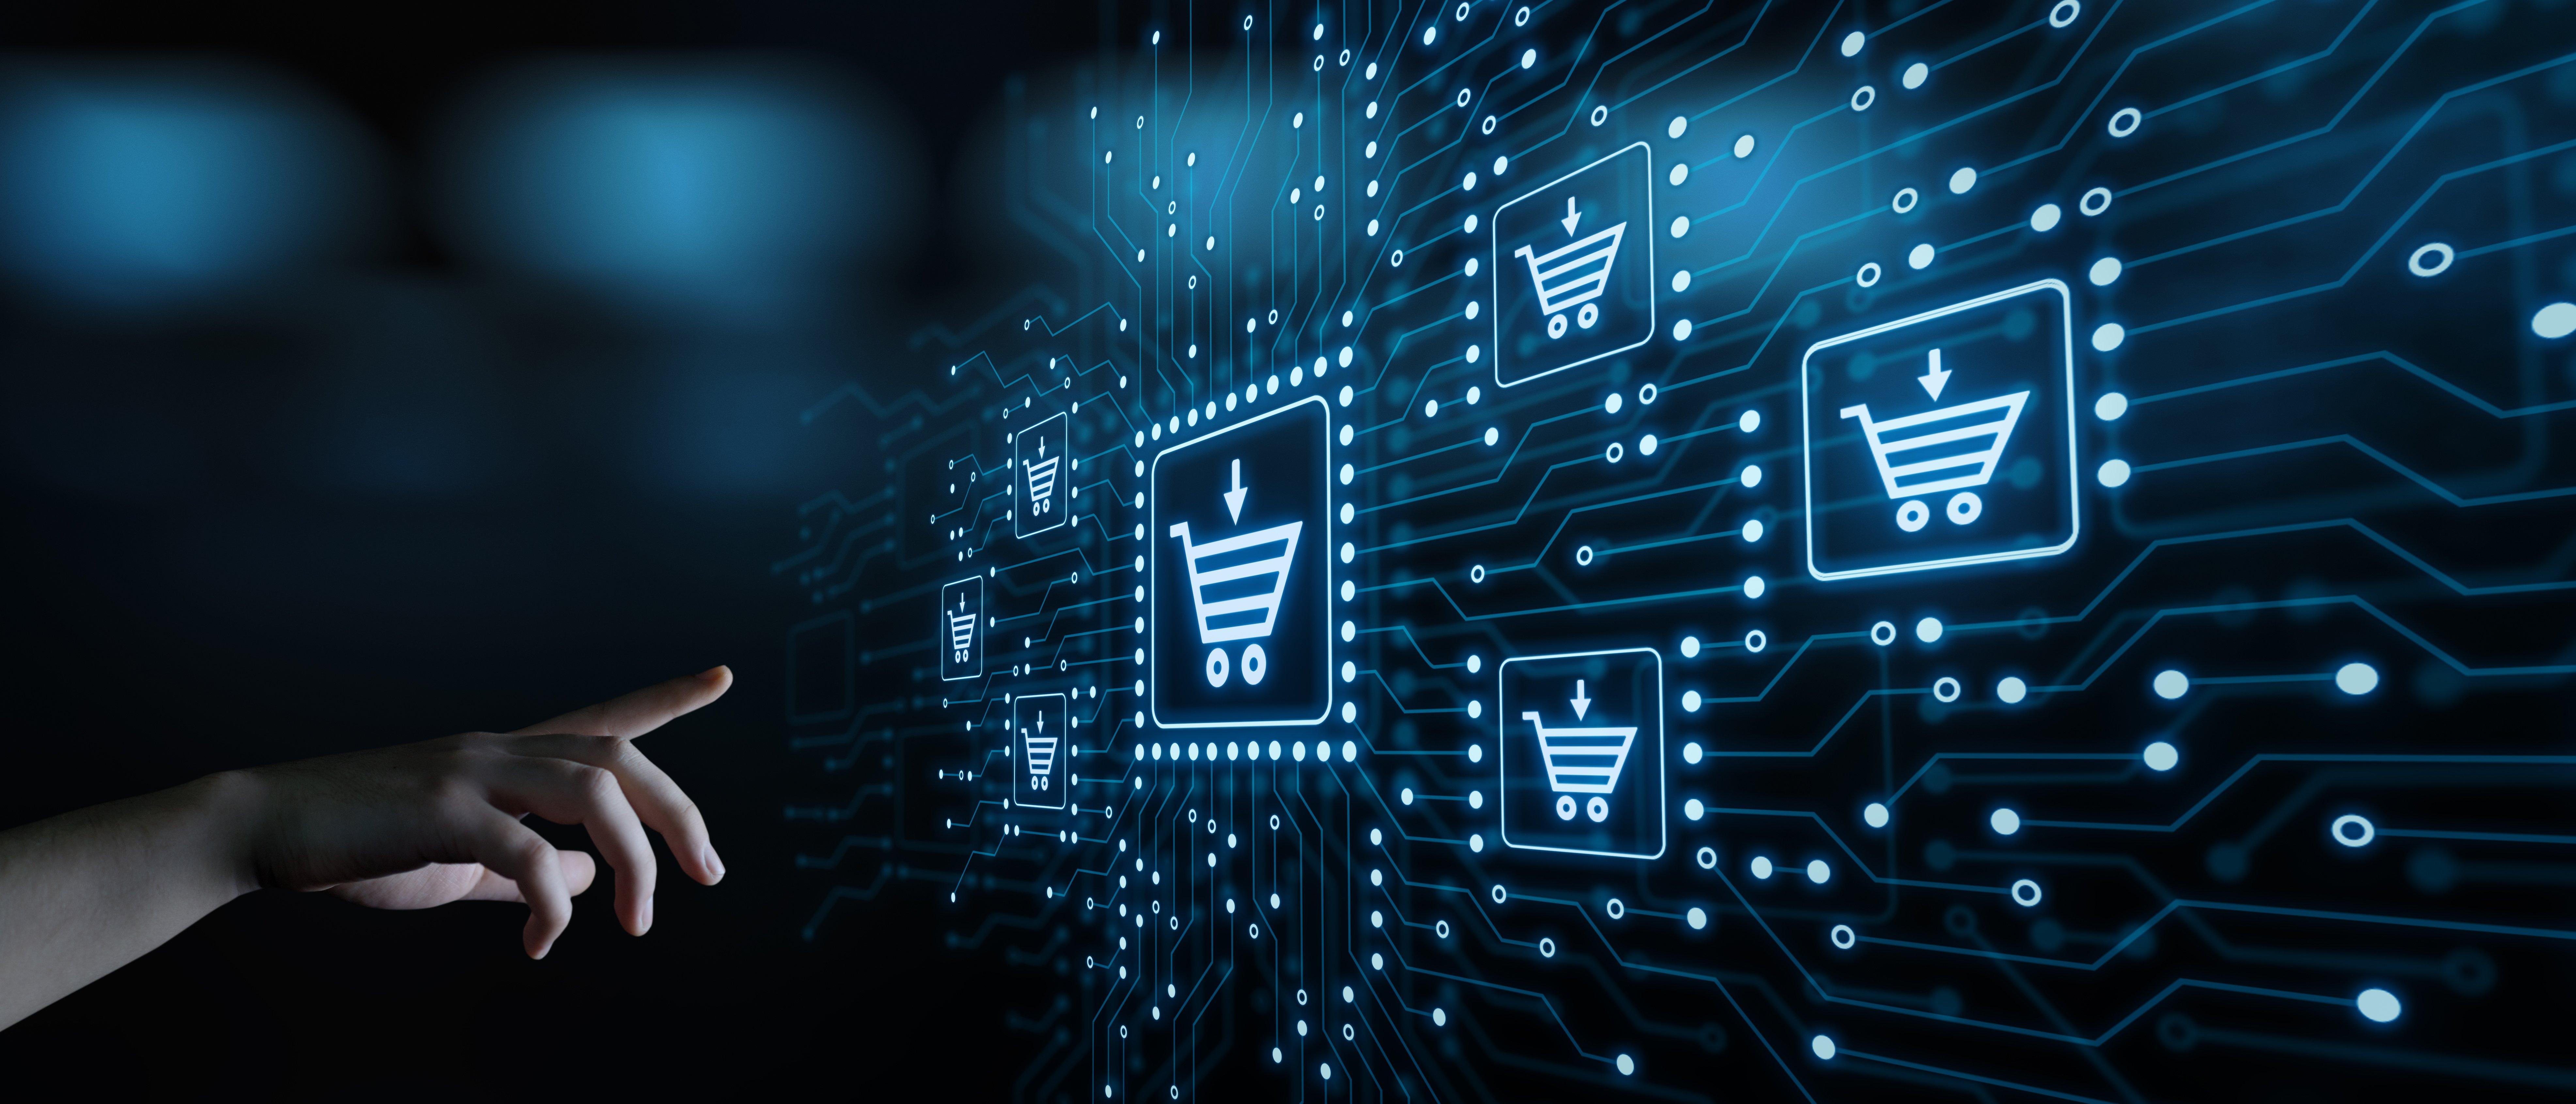 transaction monitoring